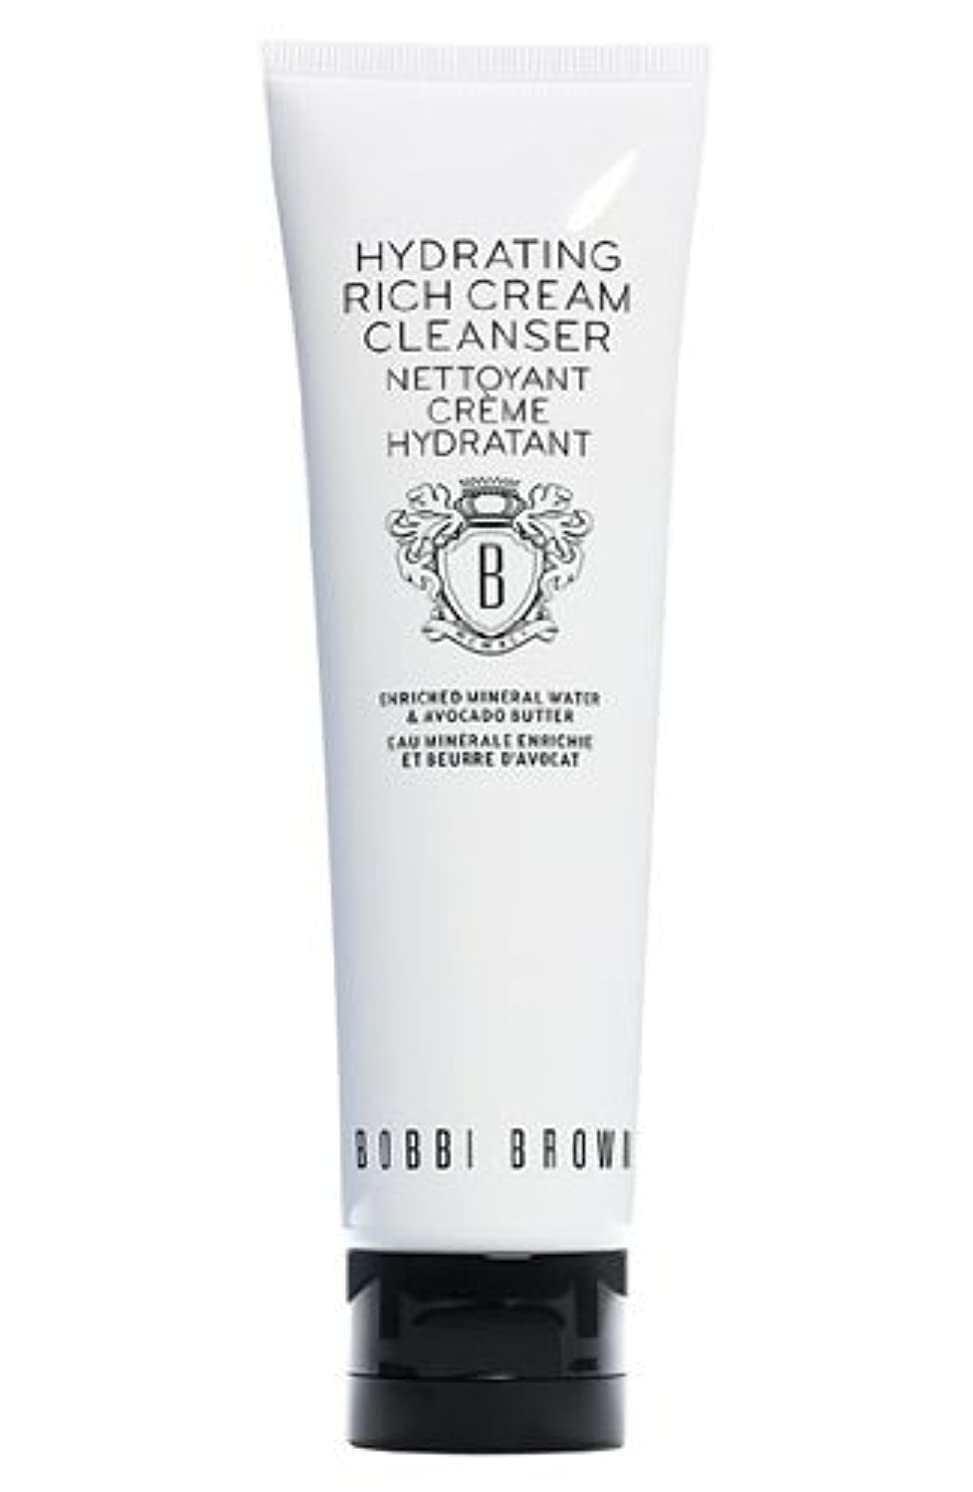 救い大残り物Bobbi Brown Hydrating Rich Cream Cleanser (ボビーブラウン ハイドレイティングリッチクリームクレンザー) 4.2 oz (126ml)